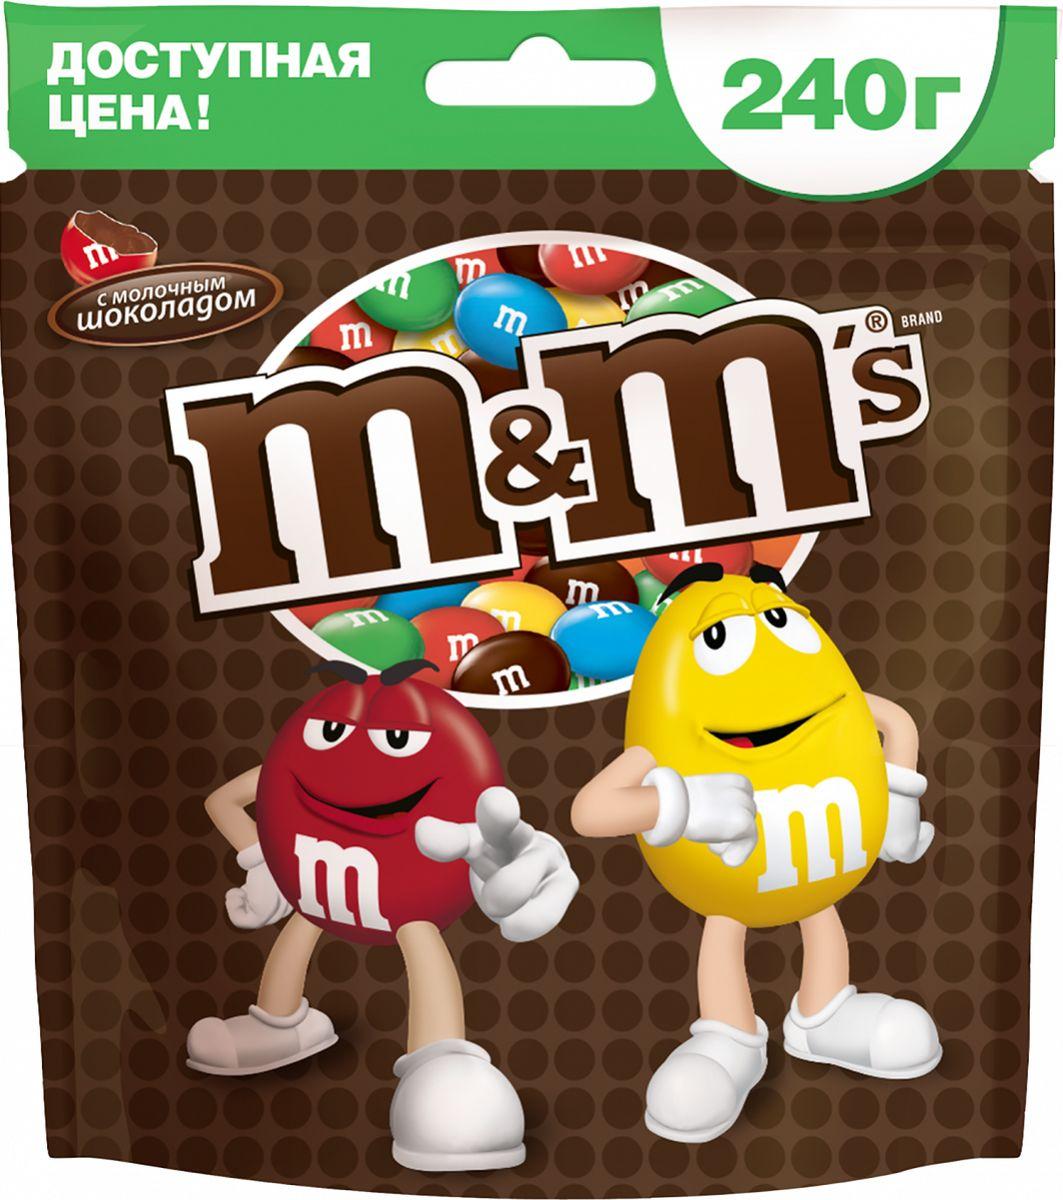 M&Ms драже с молочным шоколадом, 240 г10155569Драже M&Ms с шоколадом - это больше веселых моментов для тебя и твоих друзей! Разноцветные драже можно съесть самому или разделить с друзьями. В любом случае, вкус отличного молочного шоколада подарит тебе удовольствие и радость.Уважаемые клиенты! Обращаем ваше внимание на то, что упаковка может иметь несколько видов дизайна. Поставка осуществляется в зависимости от наличия на складе.